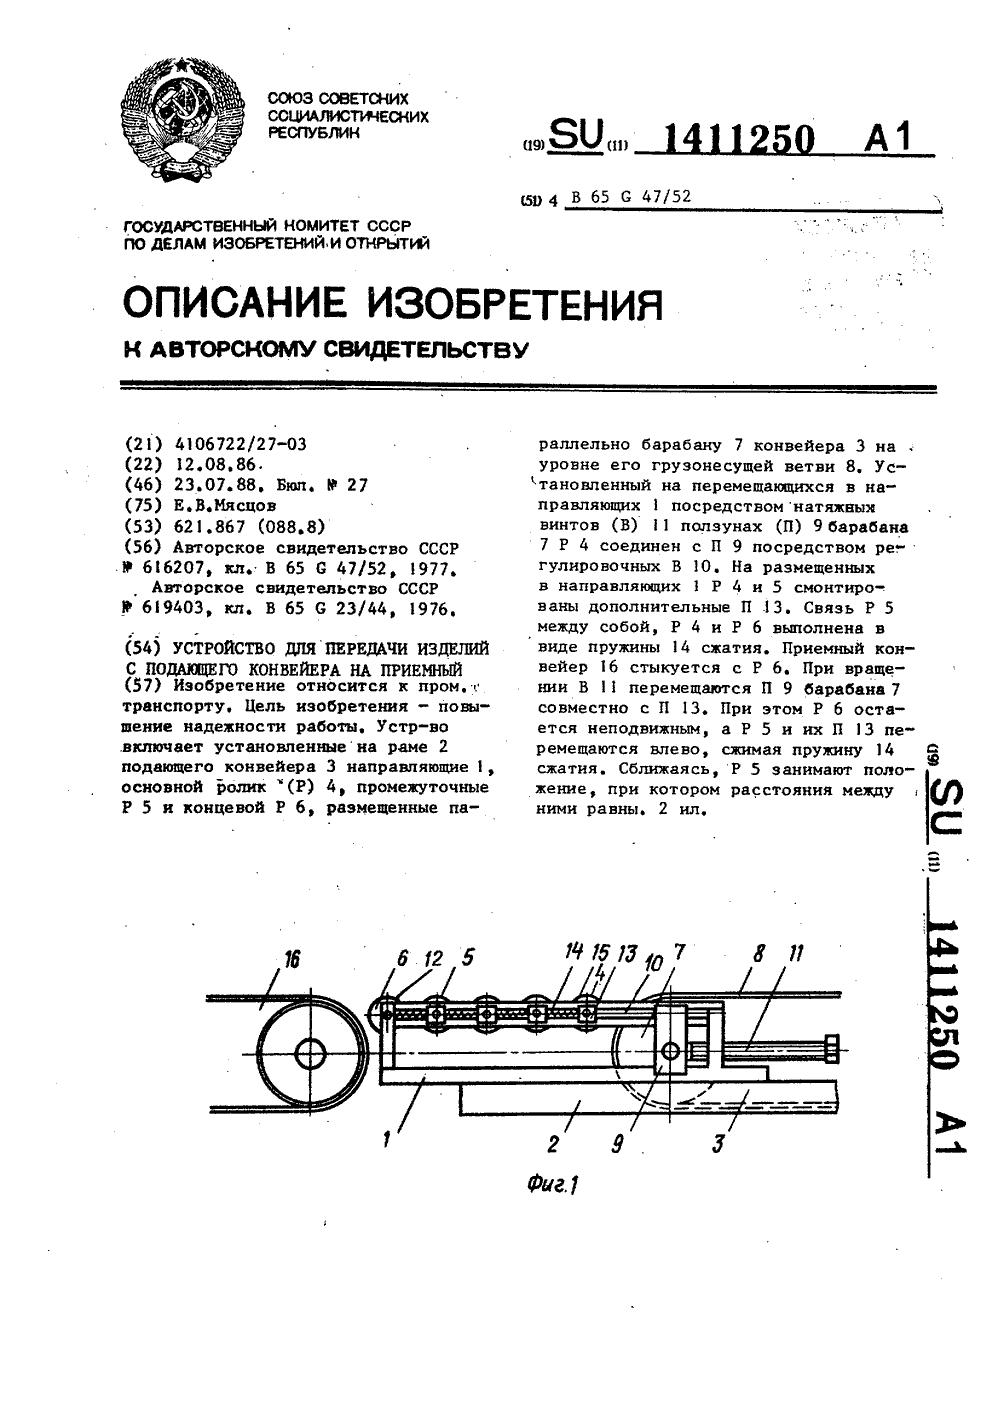 локомотивная радиостанция сигнал-201 схема